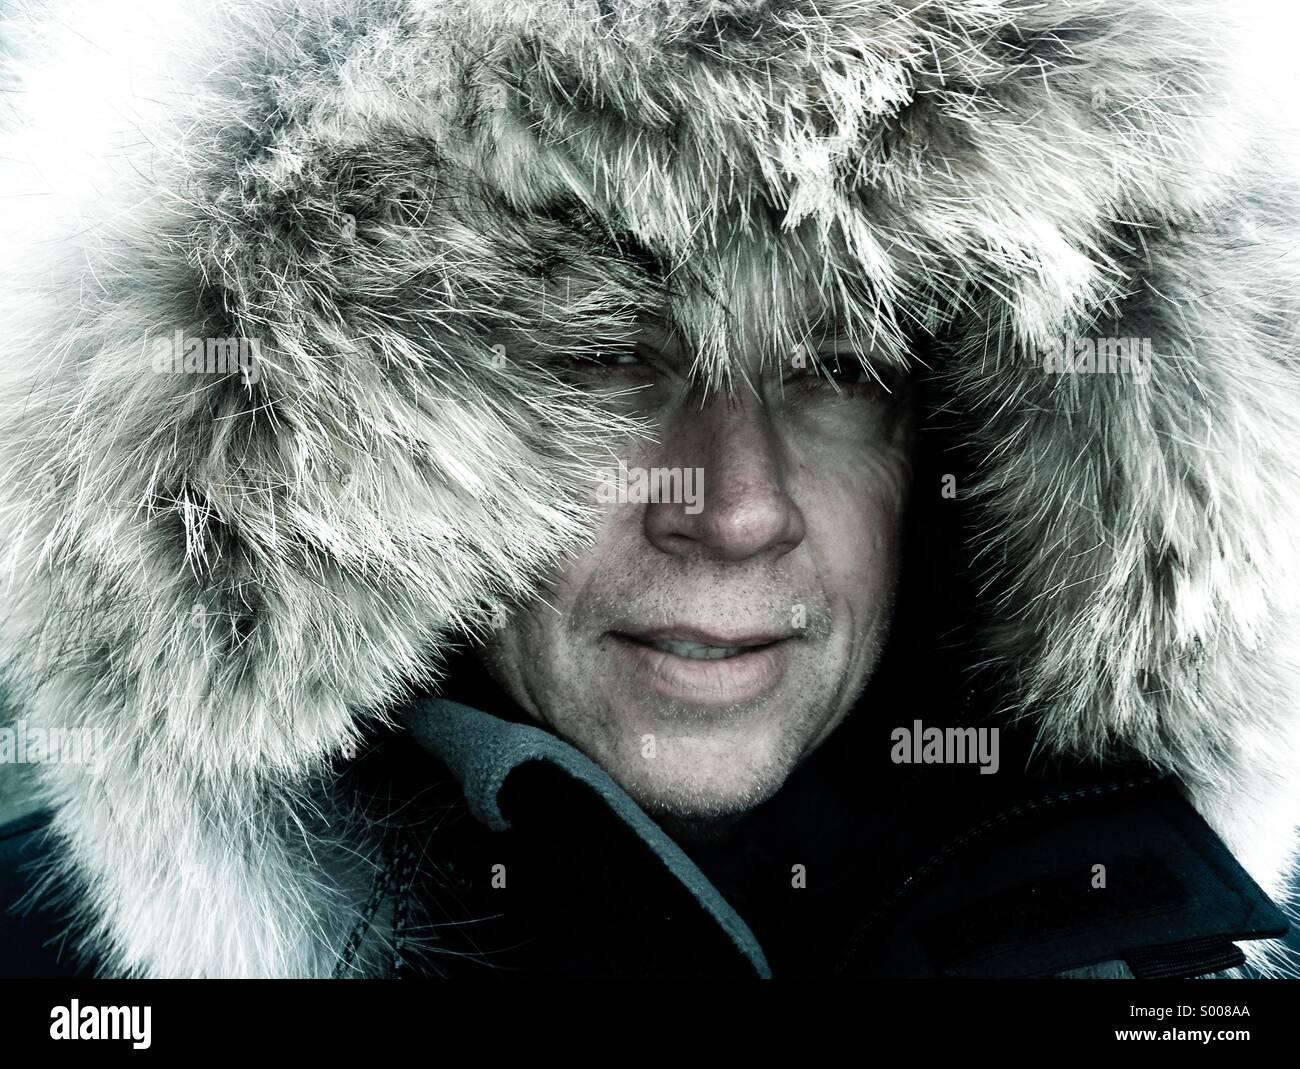 Explorador ártico llaves a sí mismo contra las condiciones meteorológicas extremas. Imagen De Stock